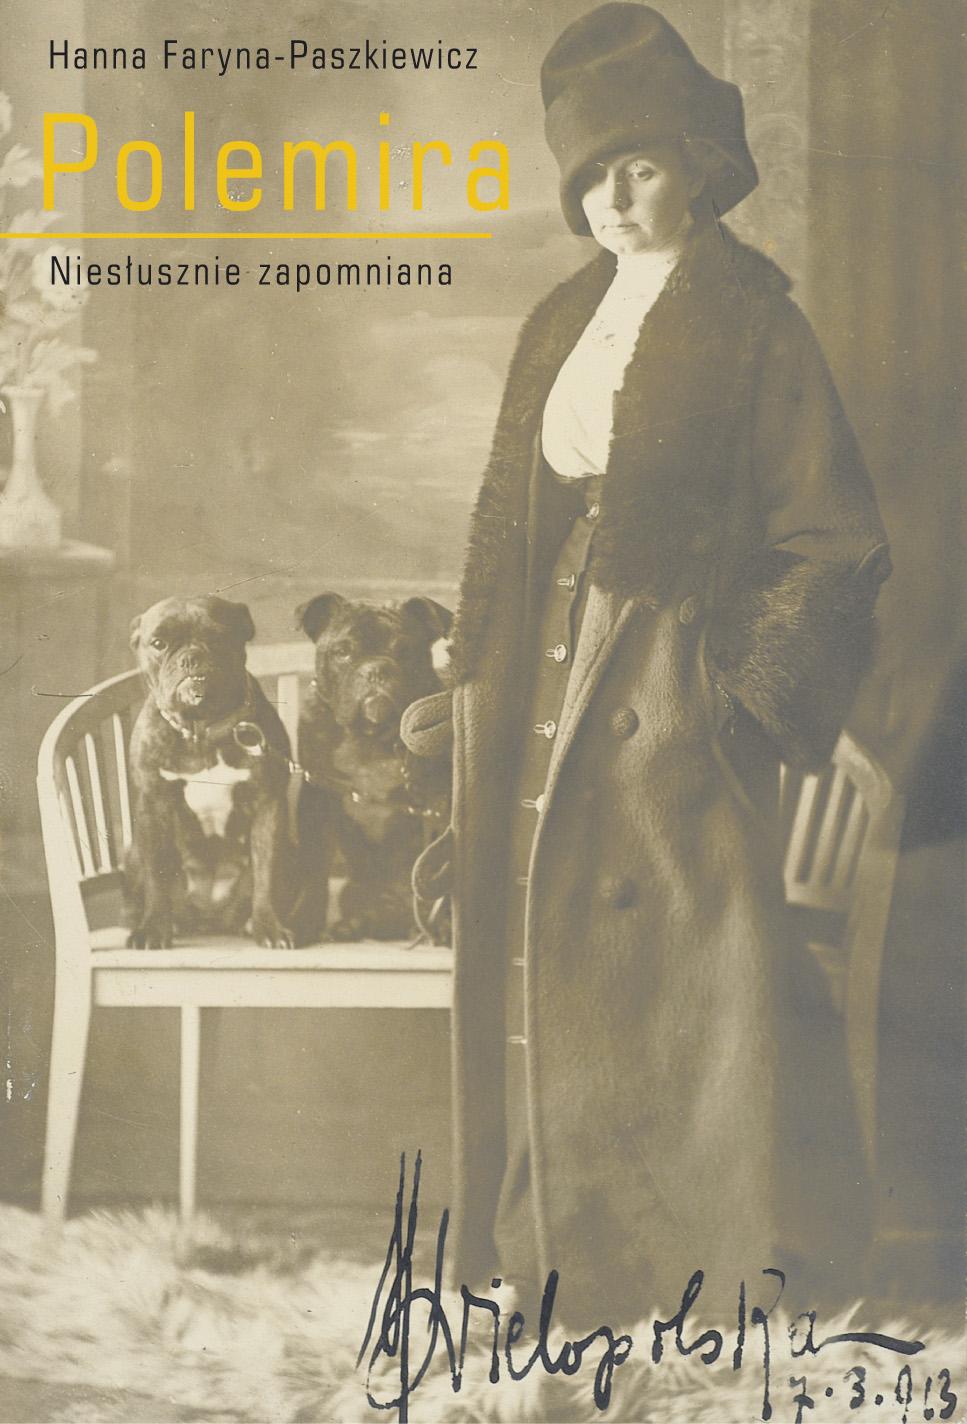 """Hanna Faryna-Paszkiewicz, """"Polemira. Niesłusznie zapomniana"""" – okładka (źródło: materiały prasowe)"""